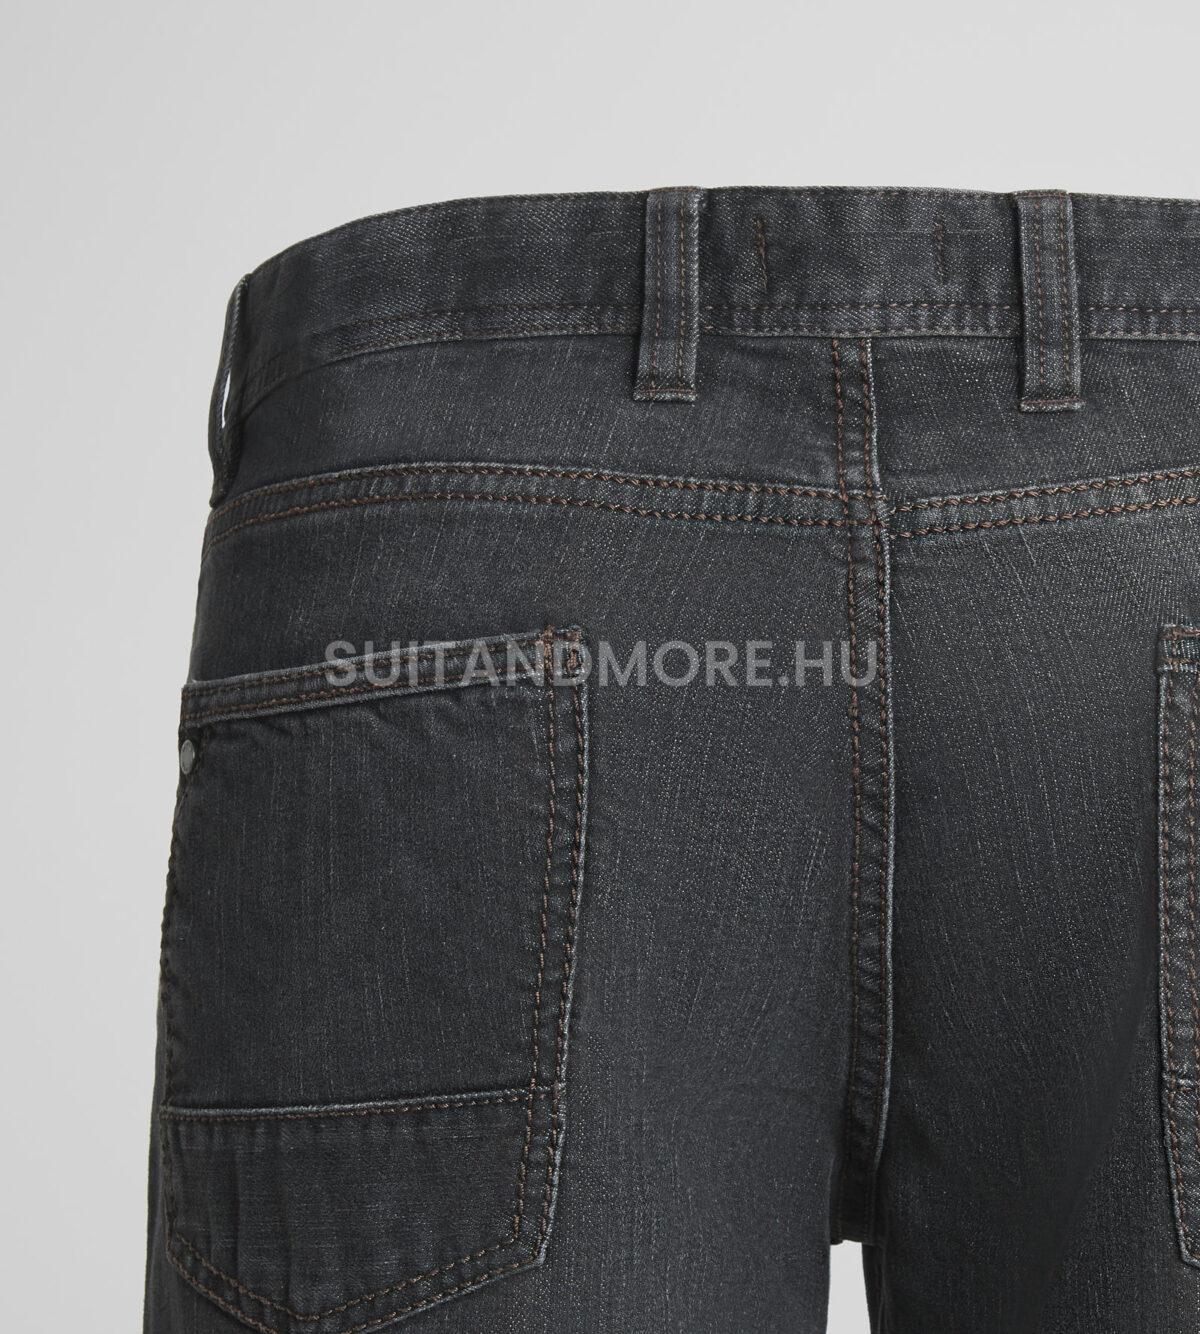 DIGEL-sötétszürke-slim-fit-pamut-sztreccs-farmernadrág-ASHFORD-1261408-40-03